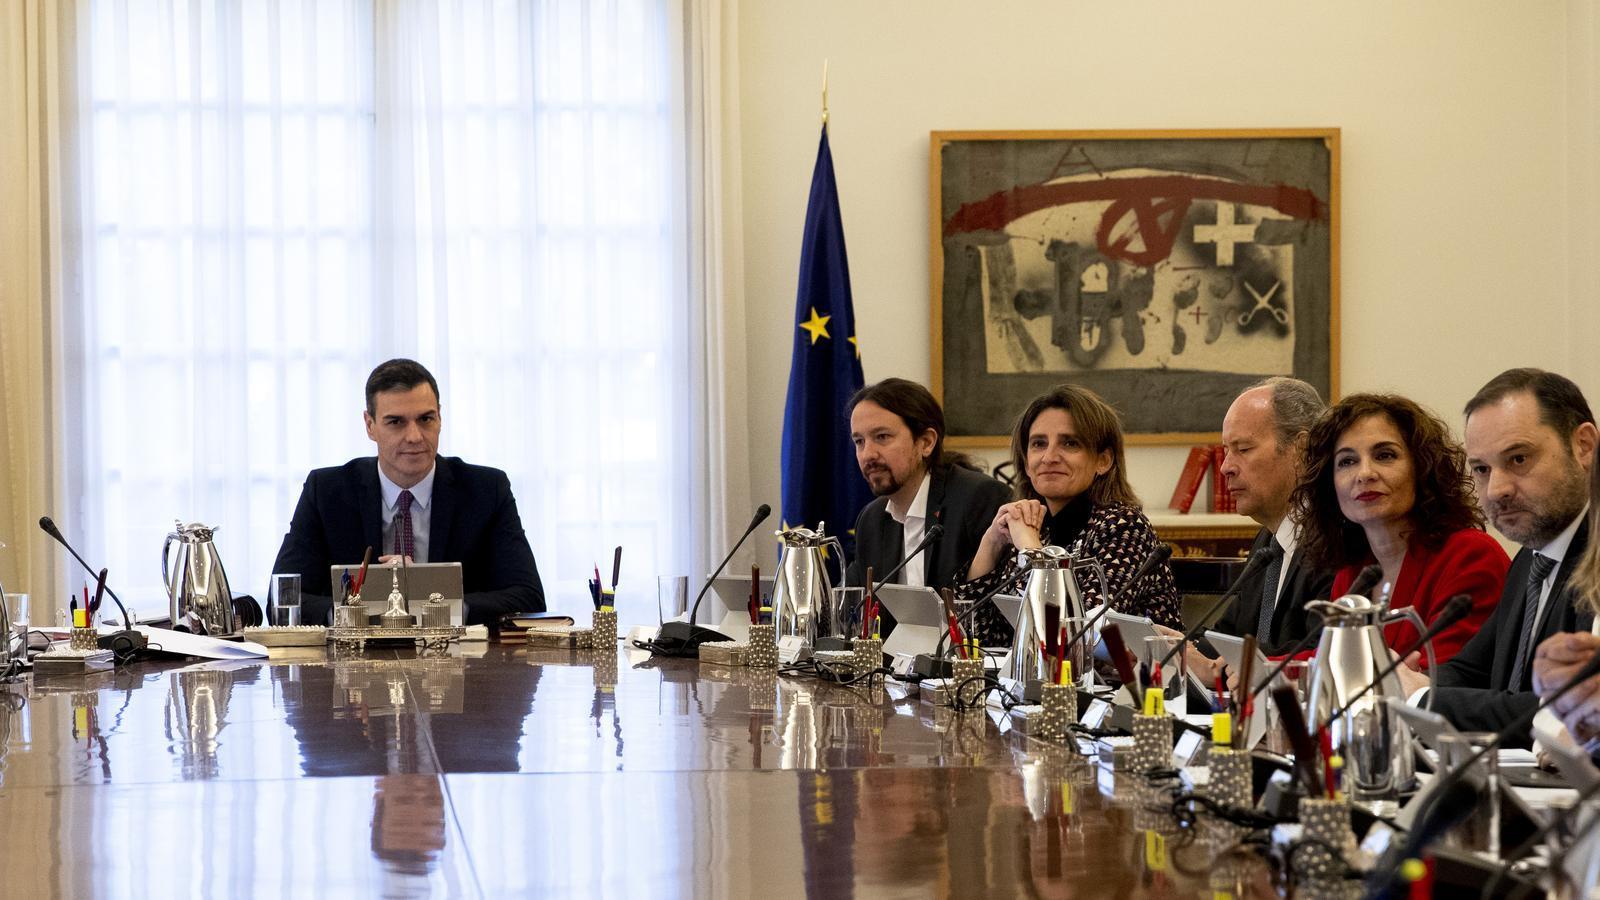 La primera reunió del consell de ministres del nou govern de coalició de Sánchez